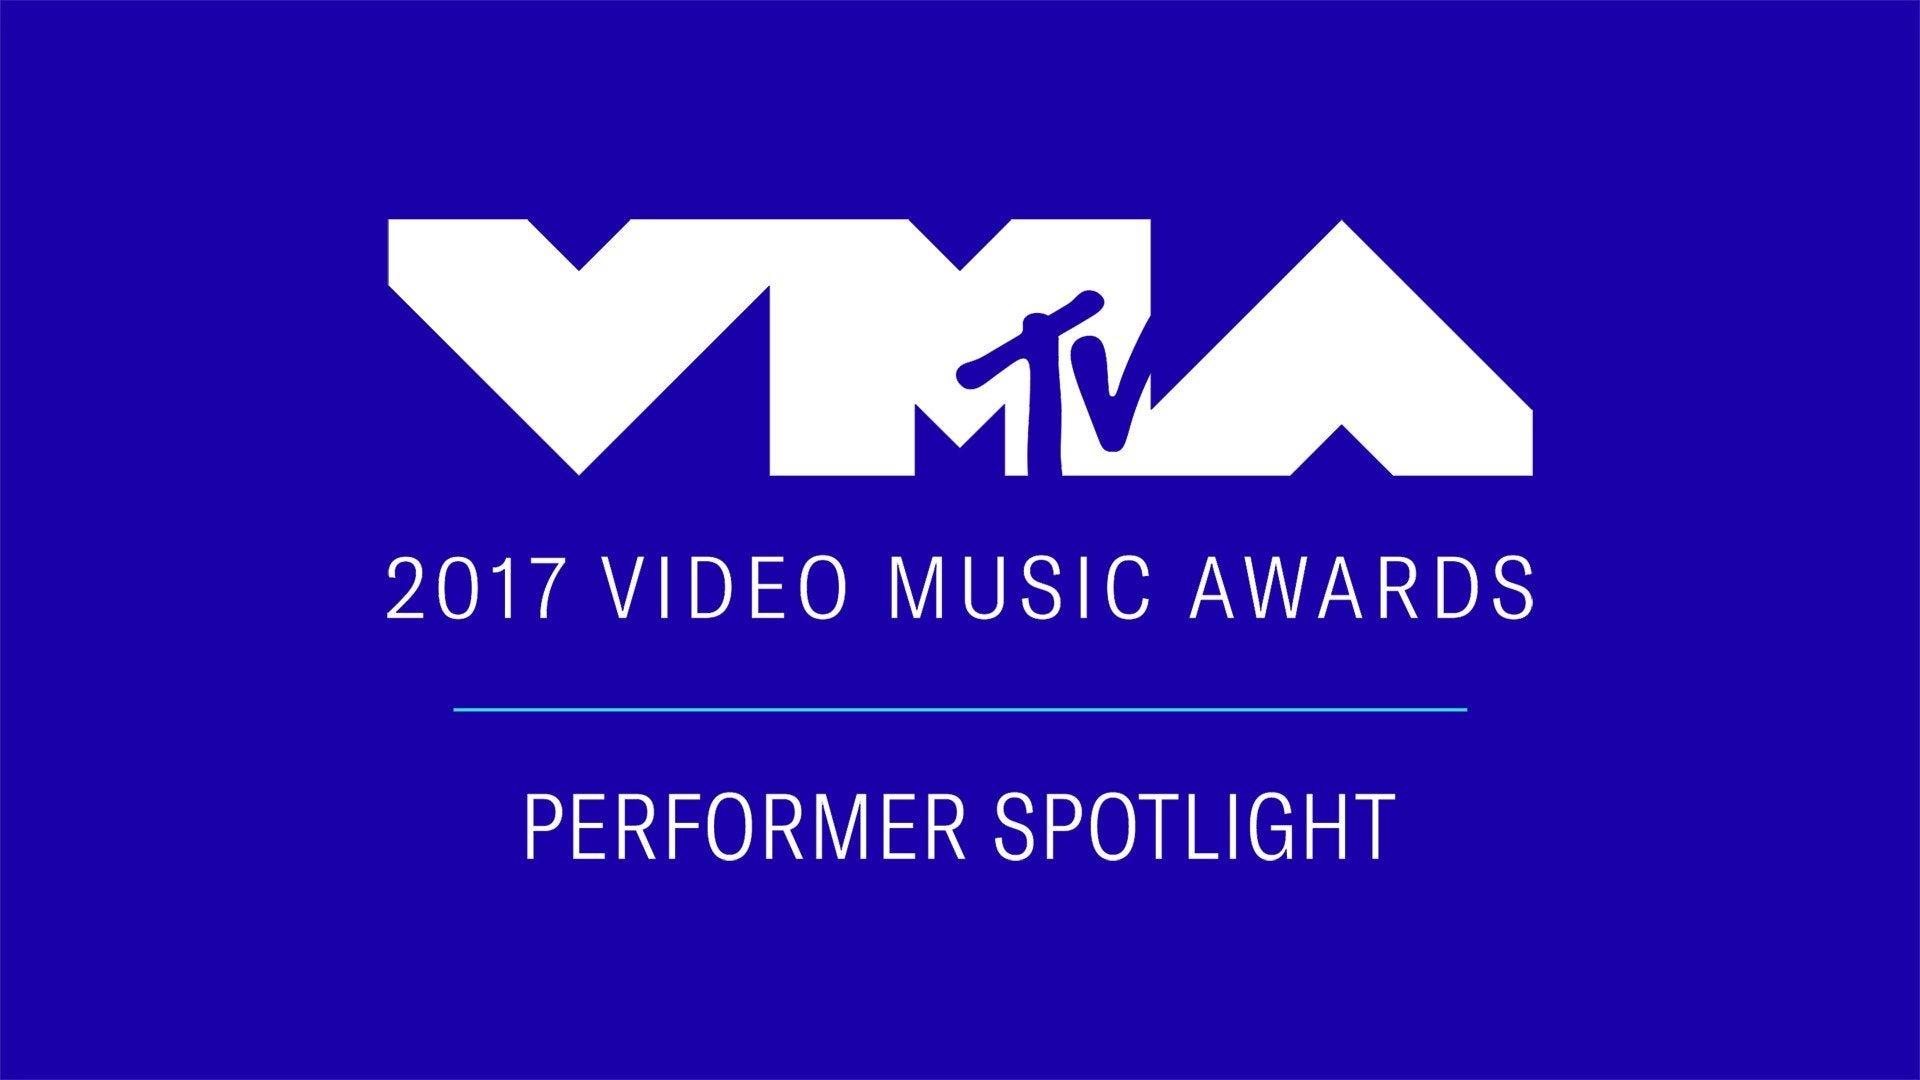 2017 VMA Performer Spotlight